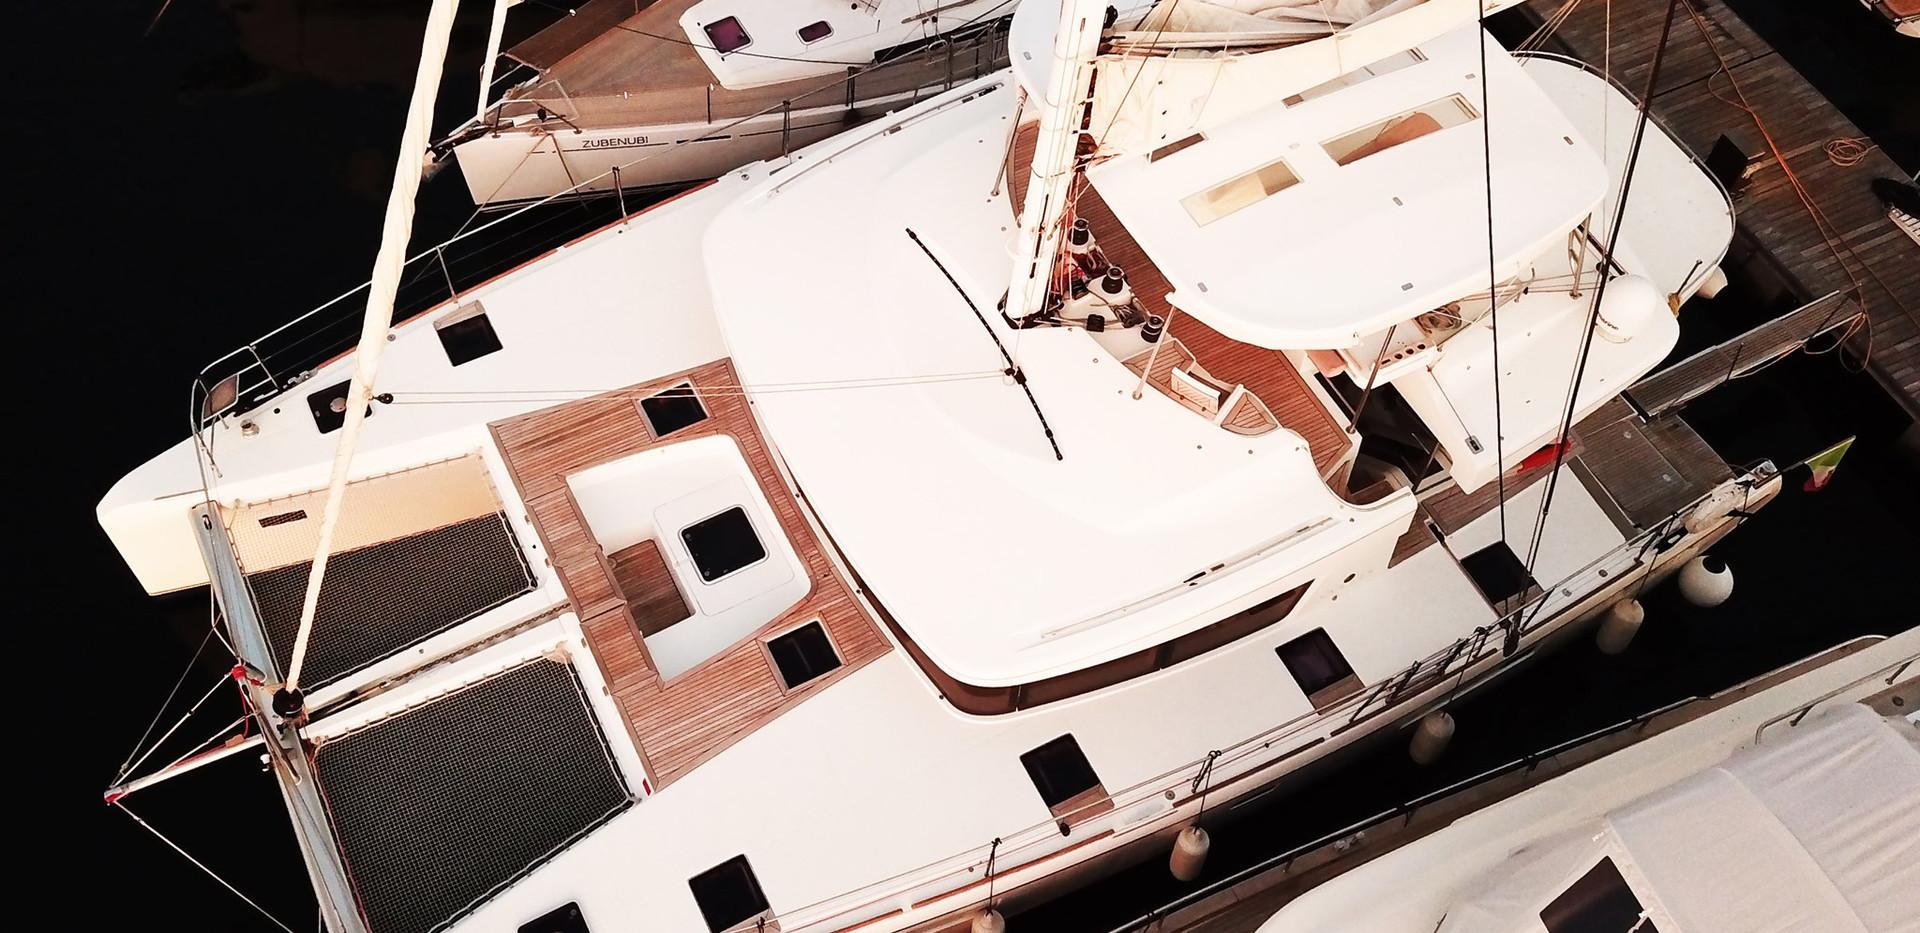 Sailing trip Archipellago of La maddalena